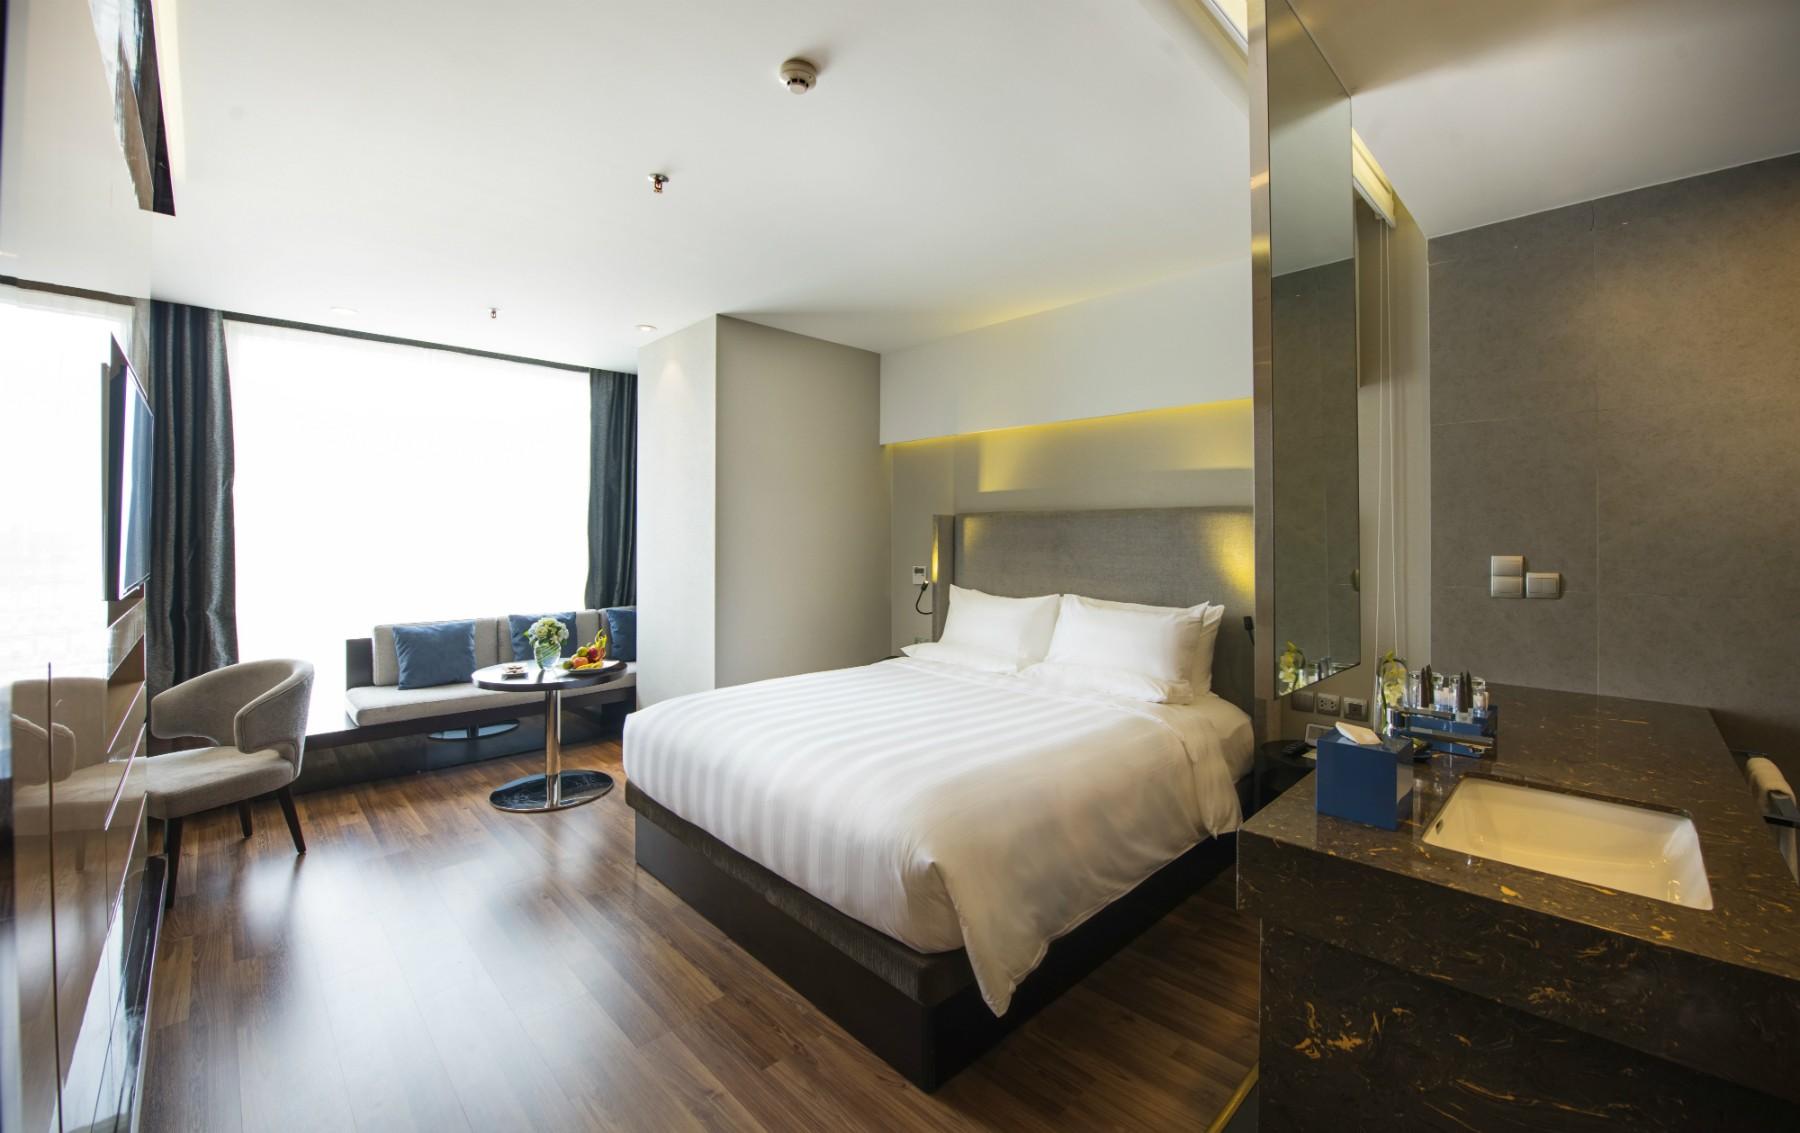 Khách sạn Novotel Suites Hanoi khu vực cầu giấy